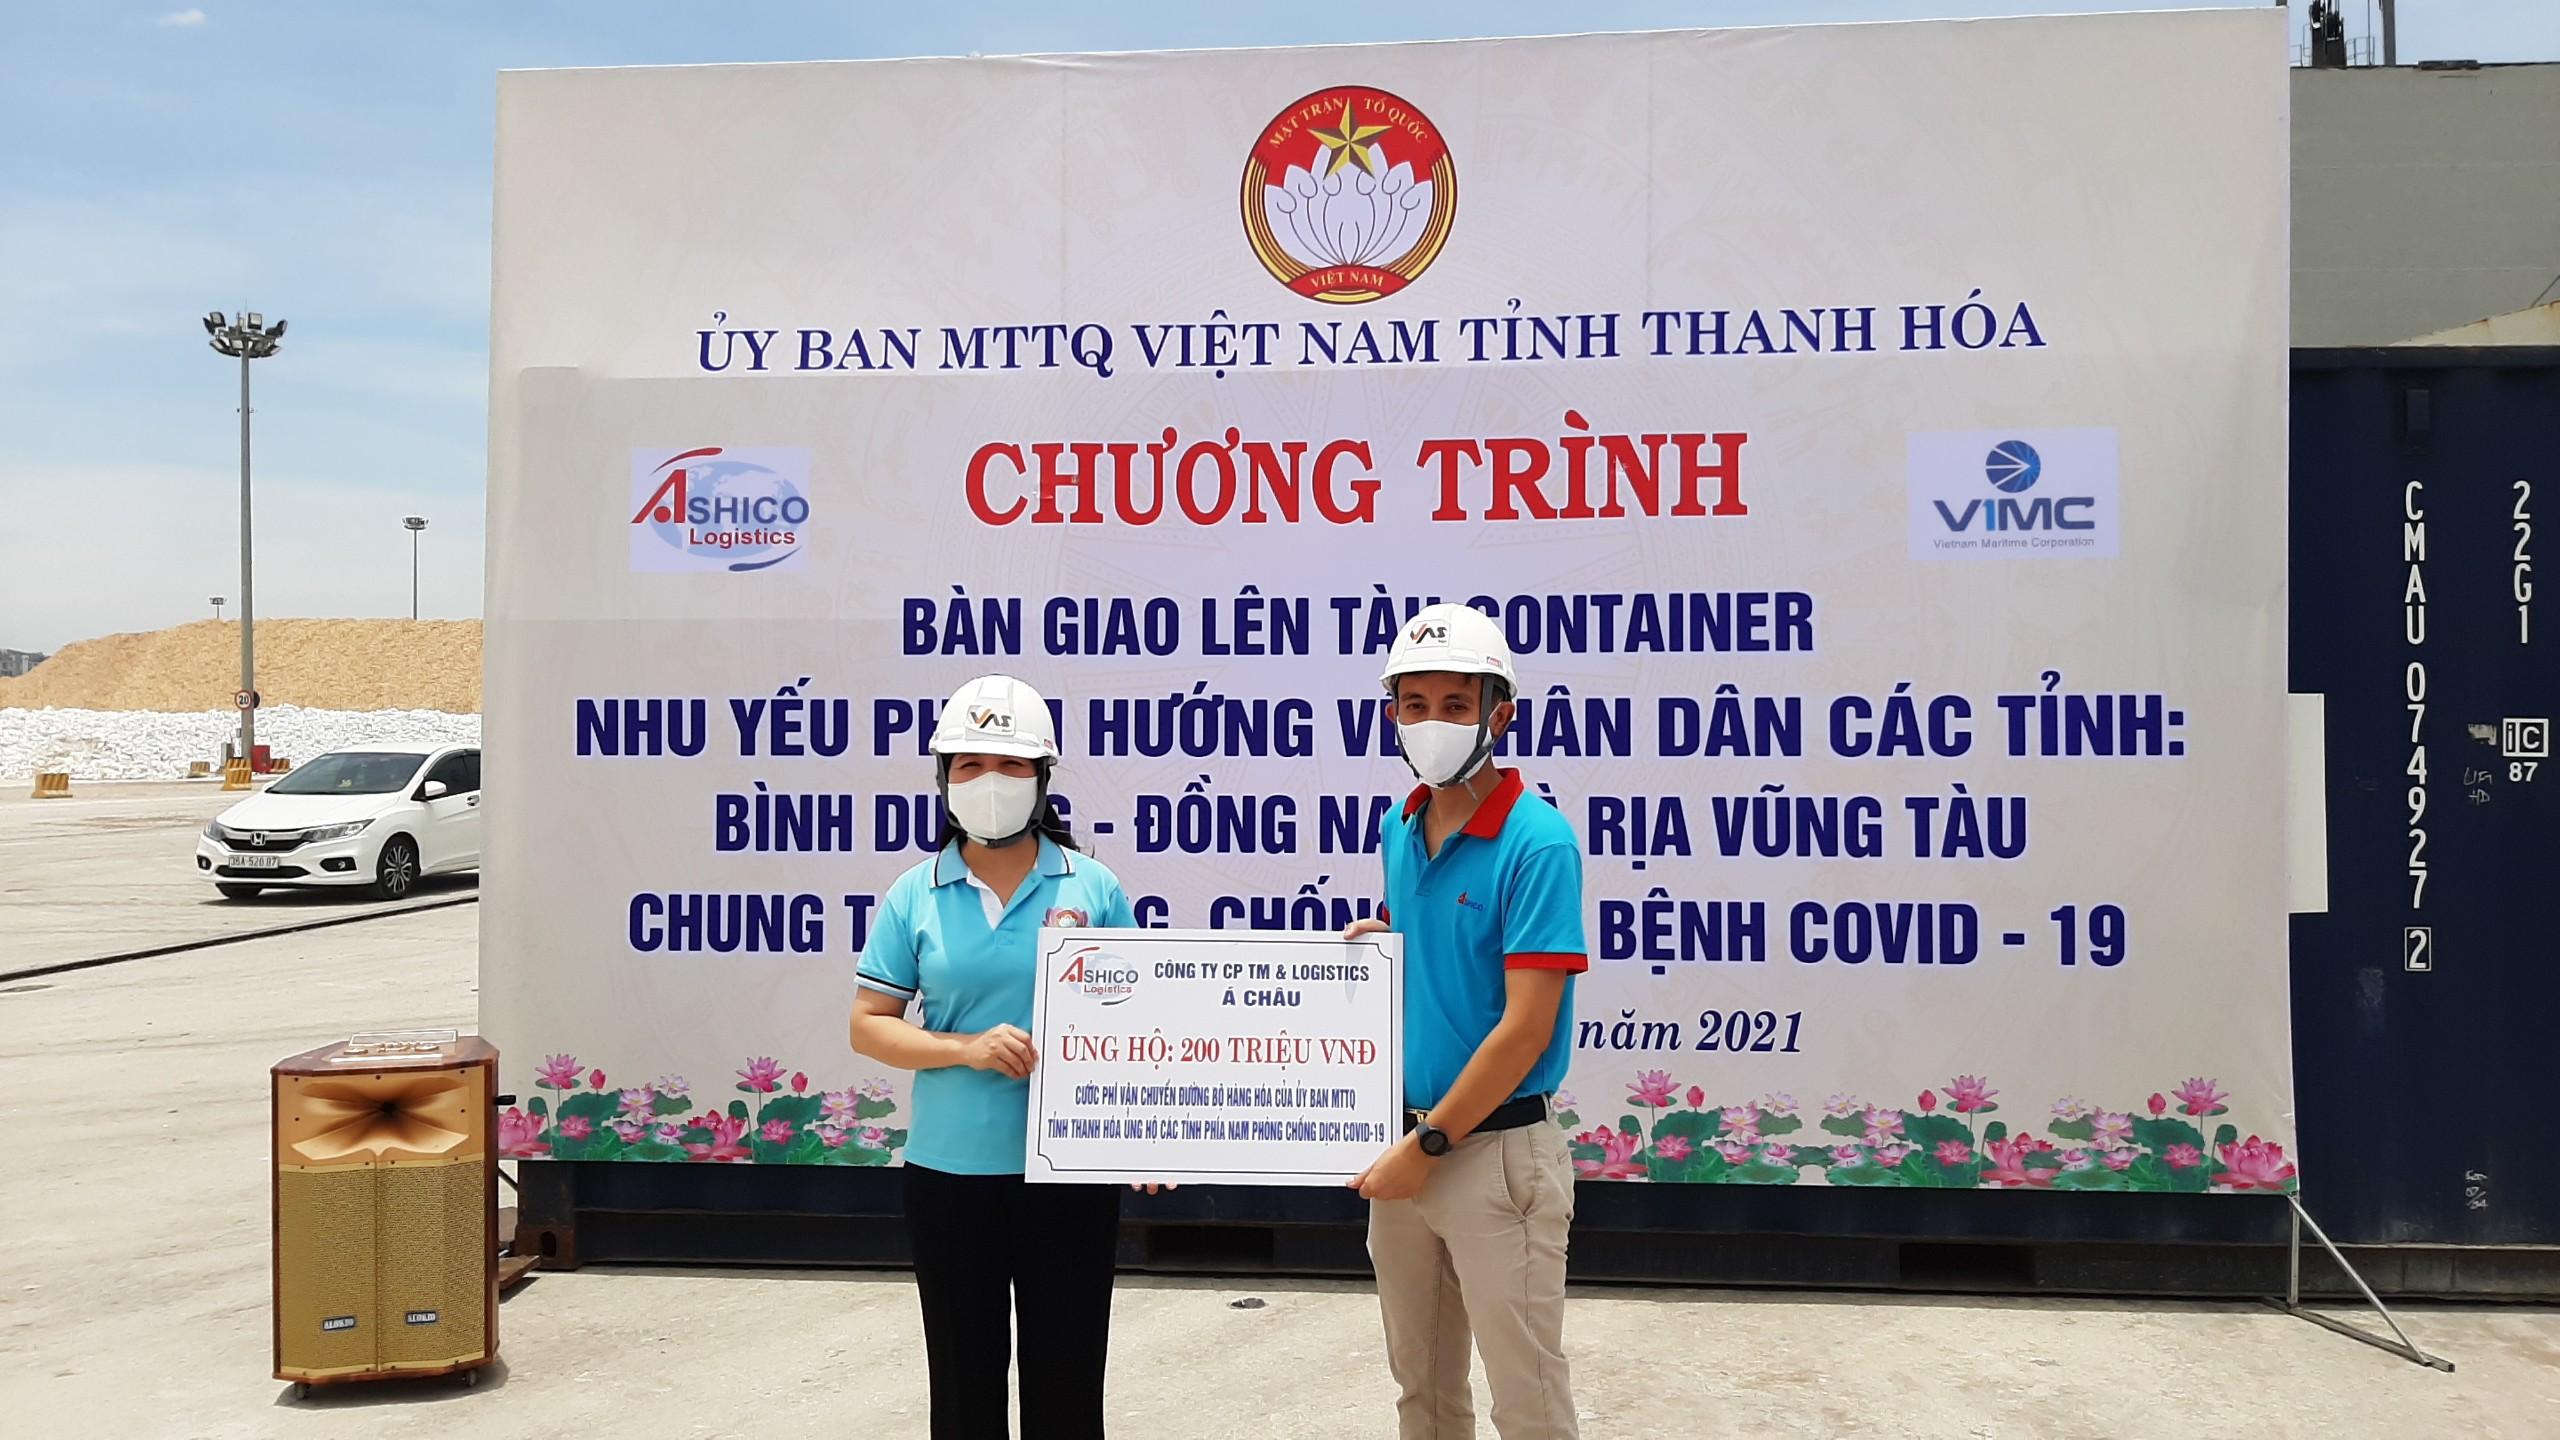 Ashico Logistics chung tay vận chuyển miễn phí hàng trăm tấn hàng hóa thiện nguyện của Ủy ban MTTQ Việt Nam tỉnh Thanh hóa vào các tỉnh phía Nam